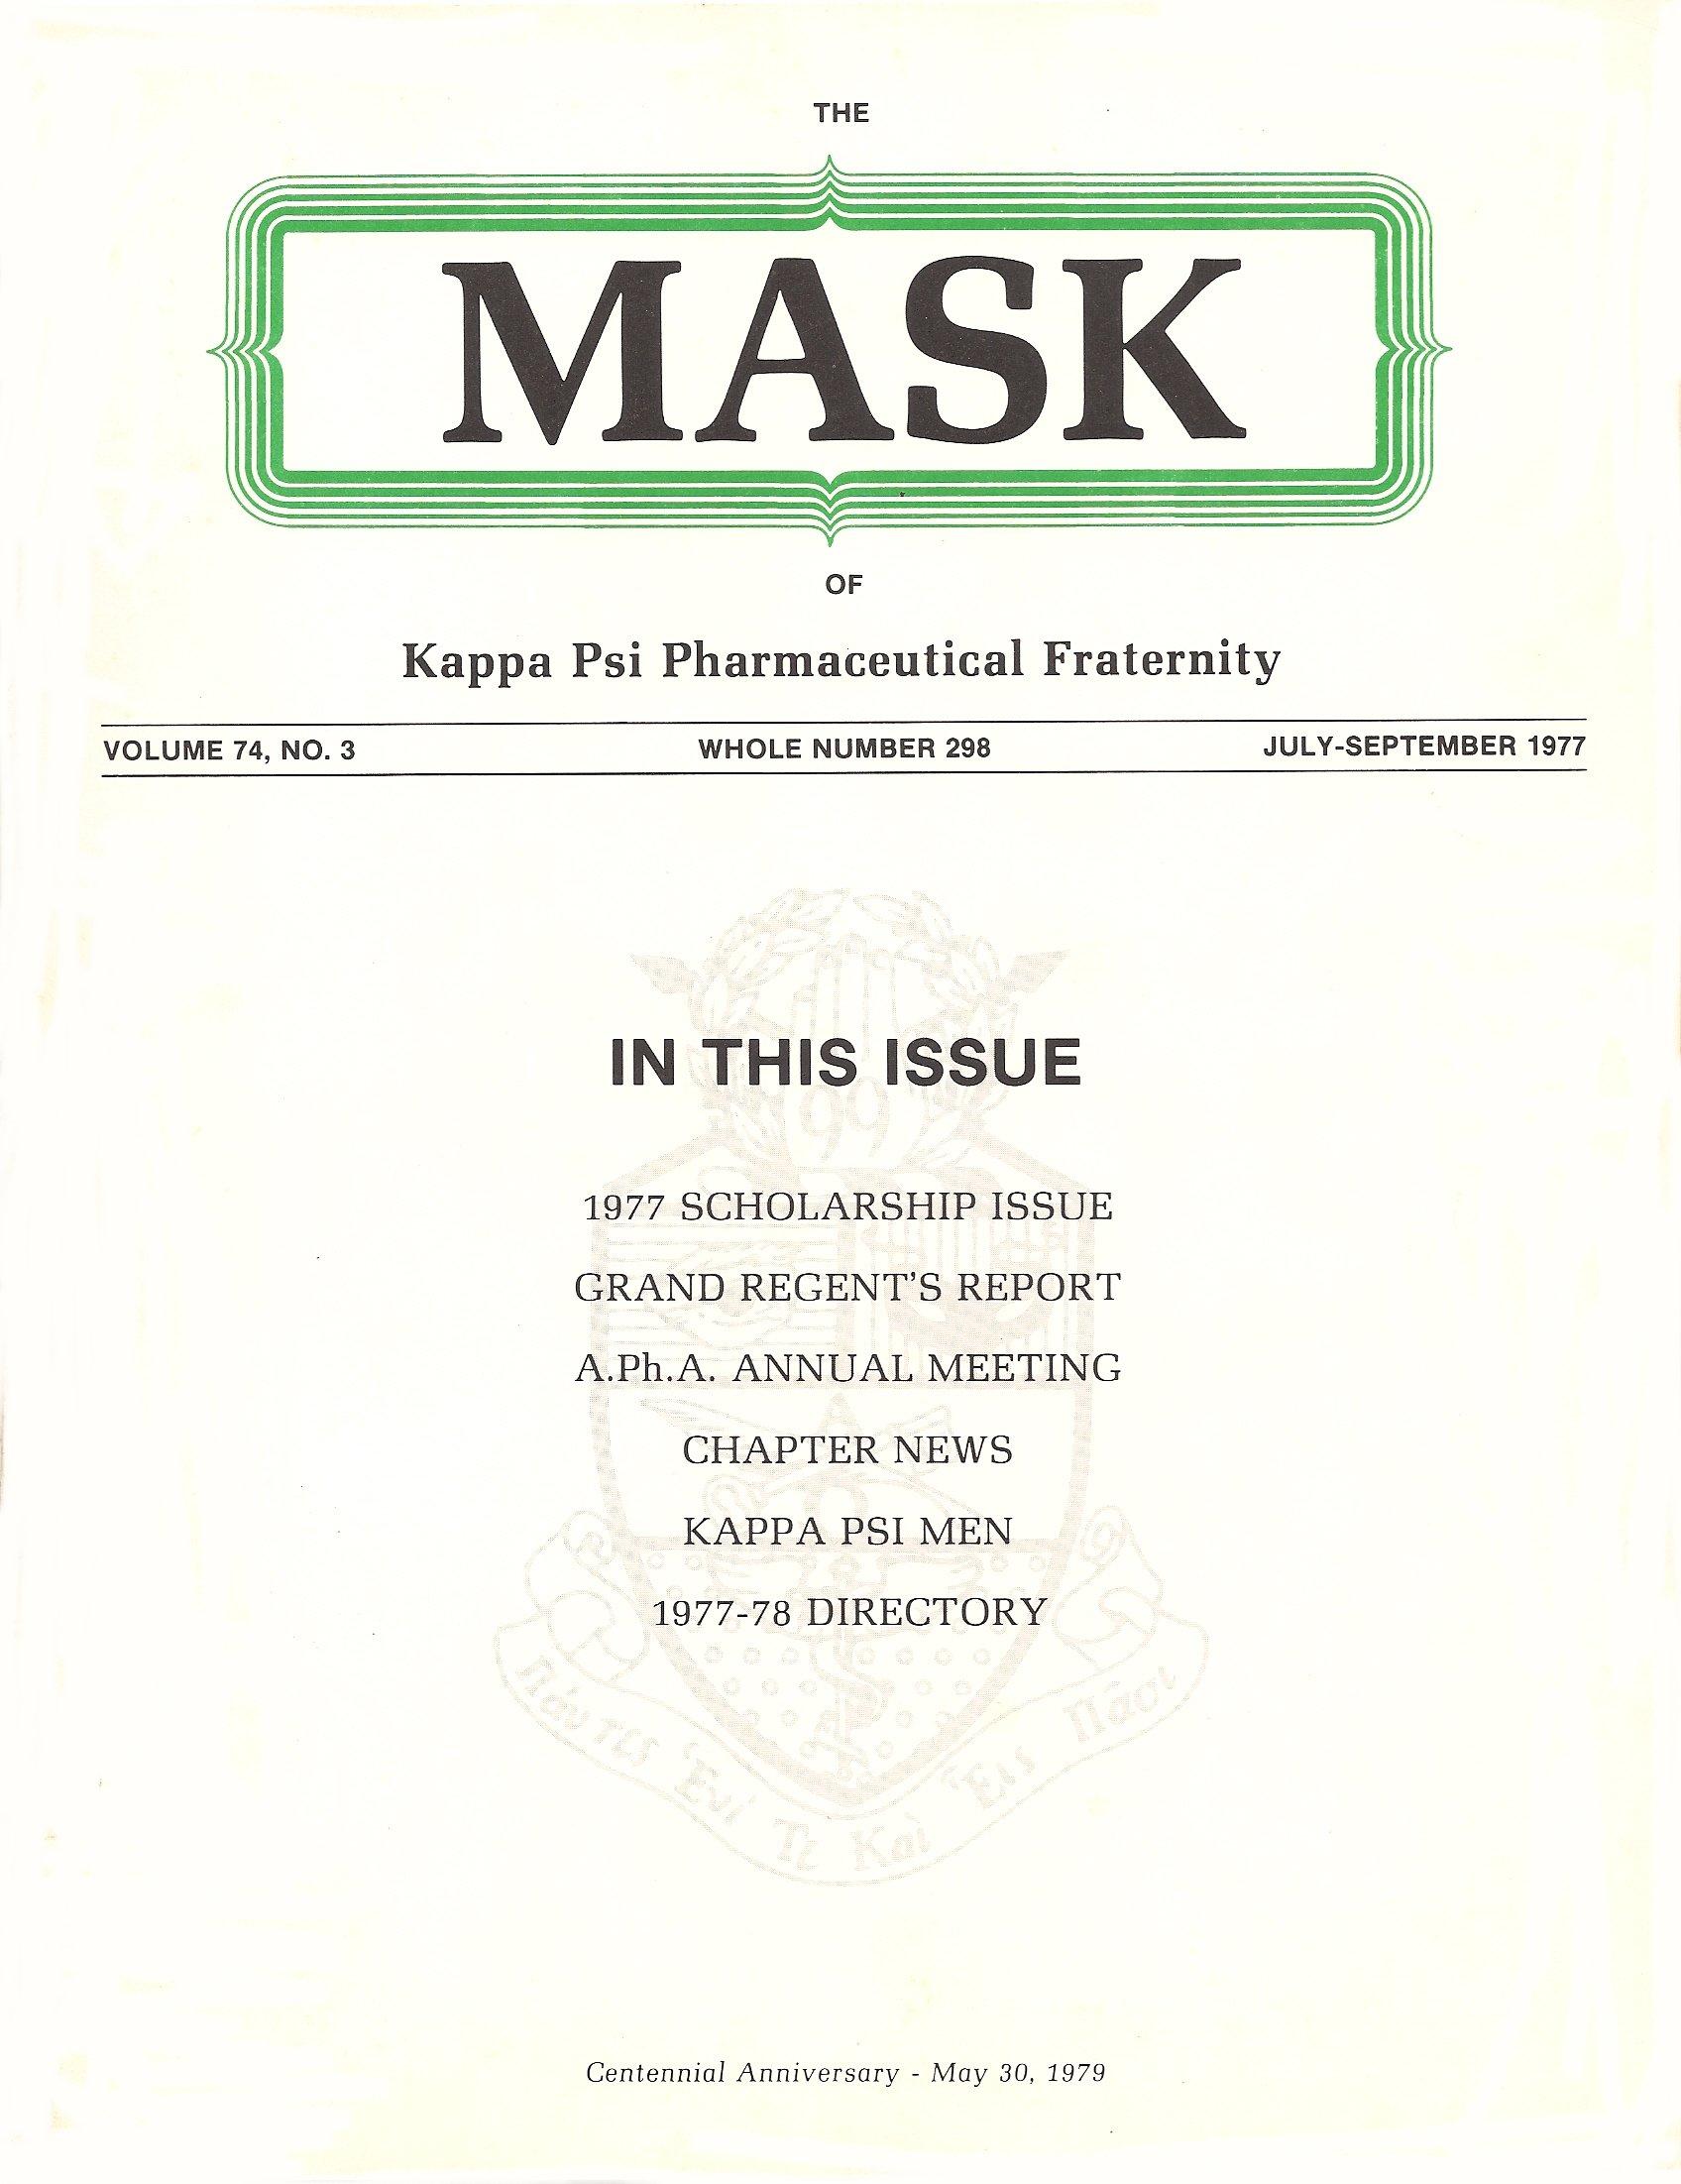 mask_cover_06_1977.jpg